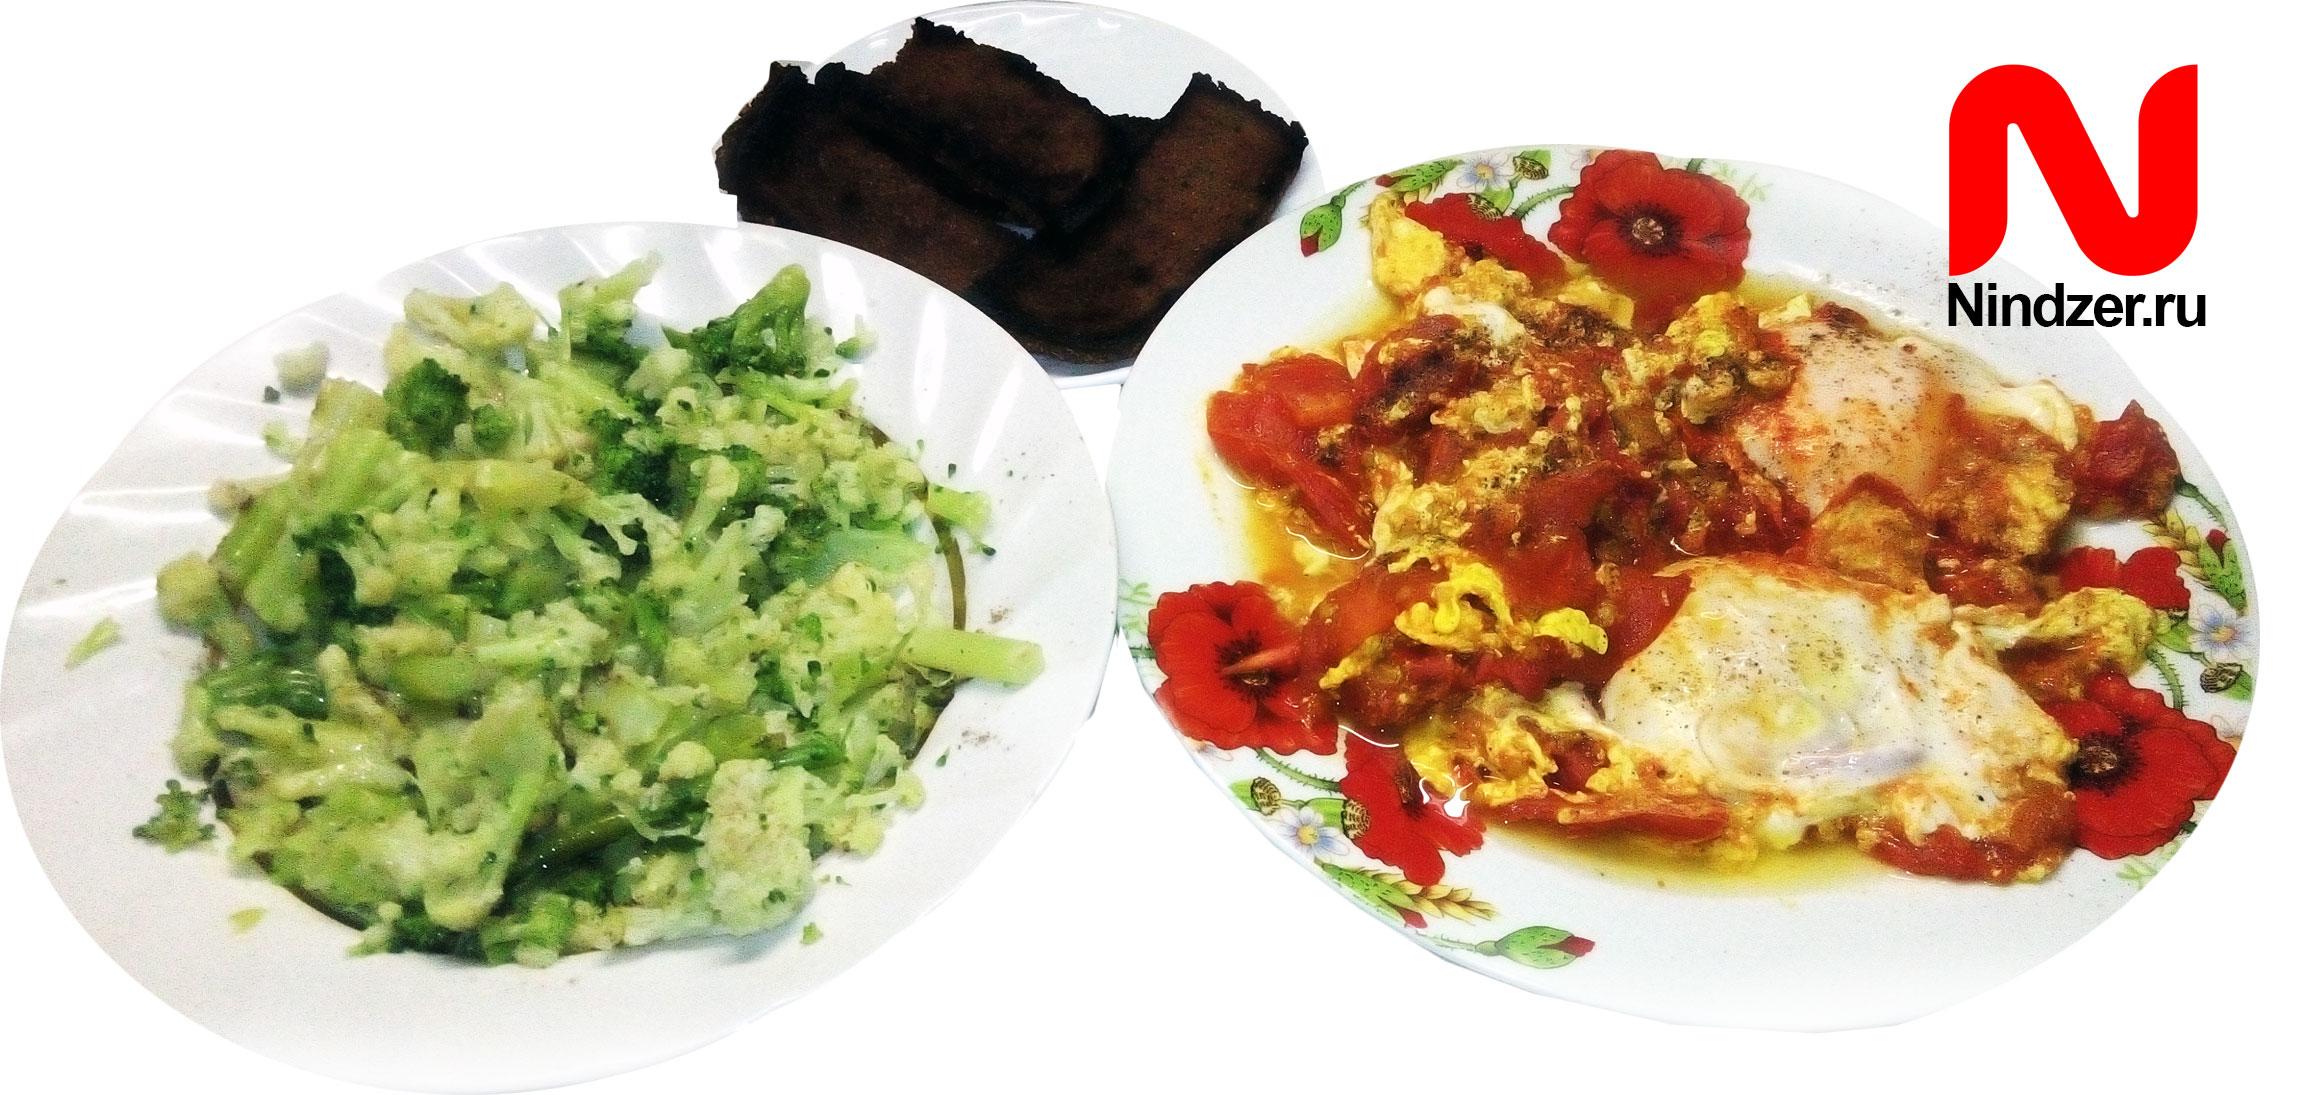 Салат из цветной капусты+помидоры с яйцами